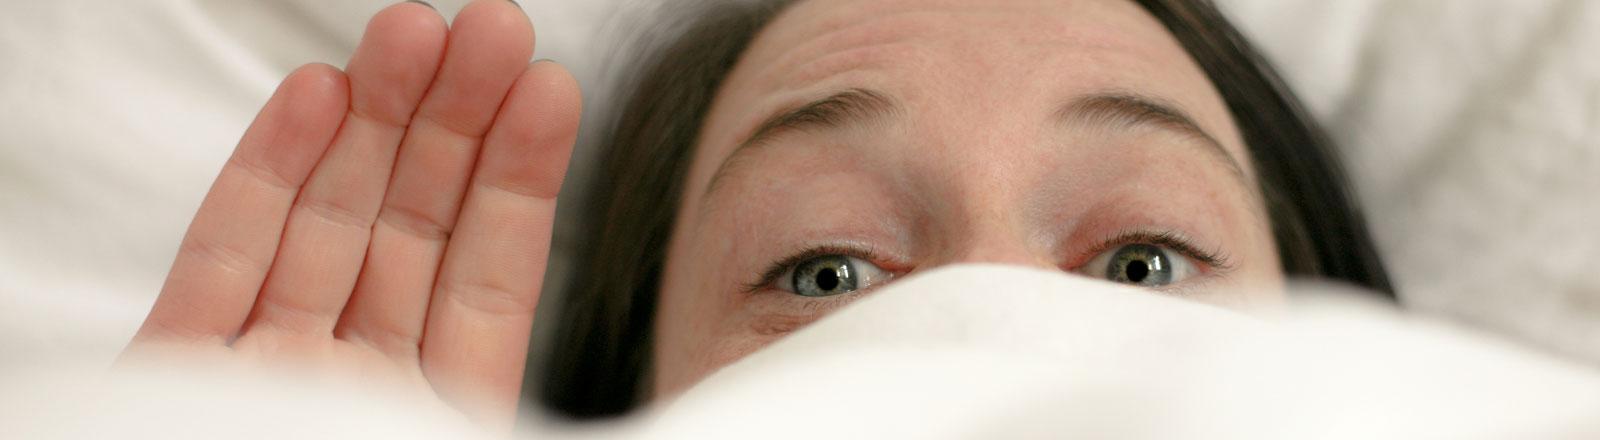 Krank im Bett oder nur verschlafen?